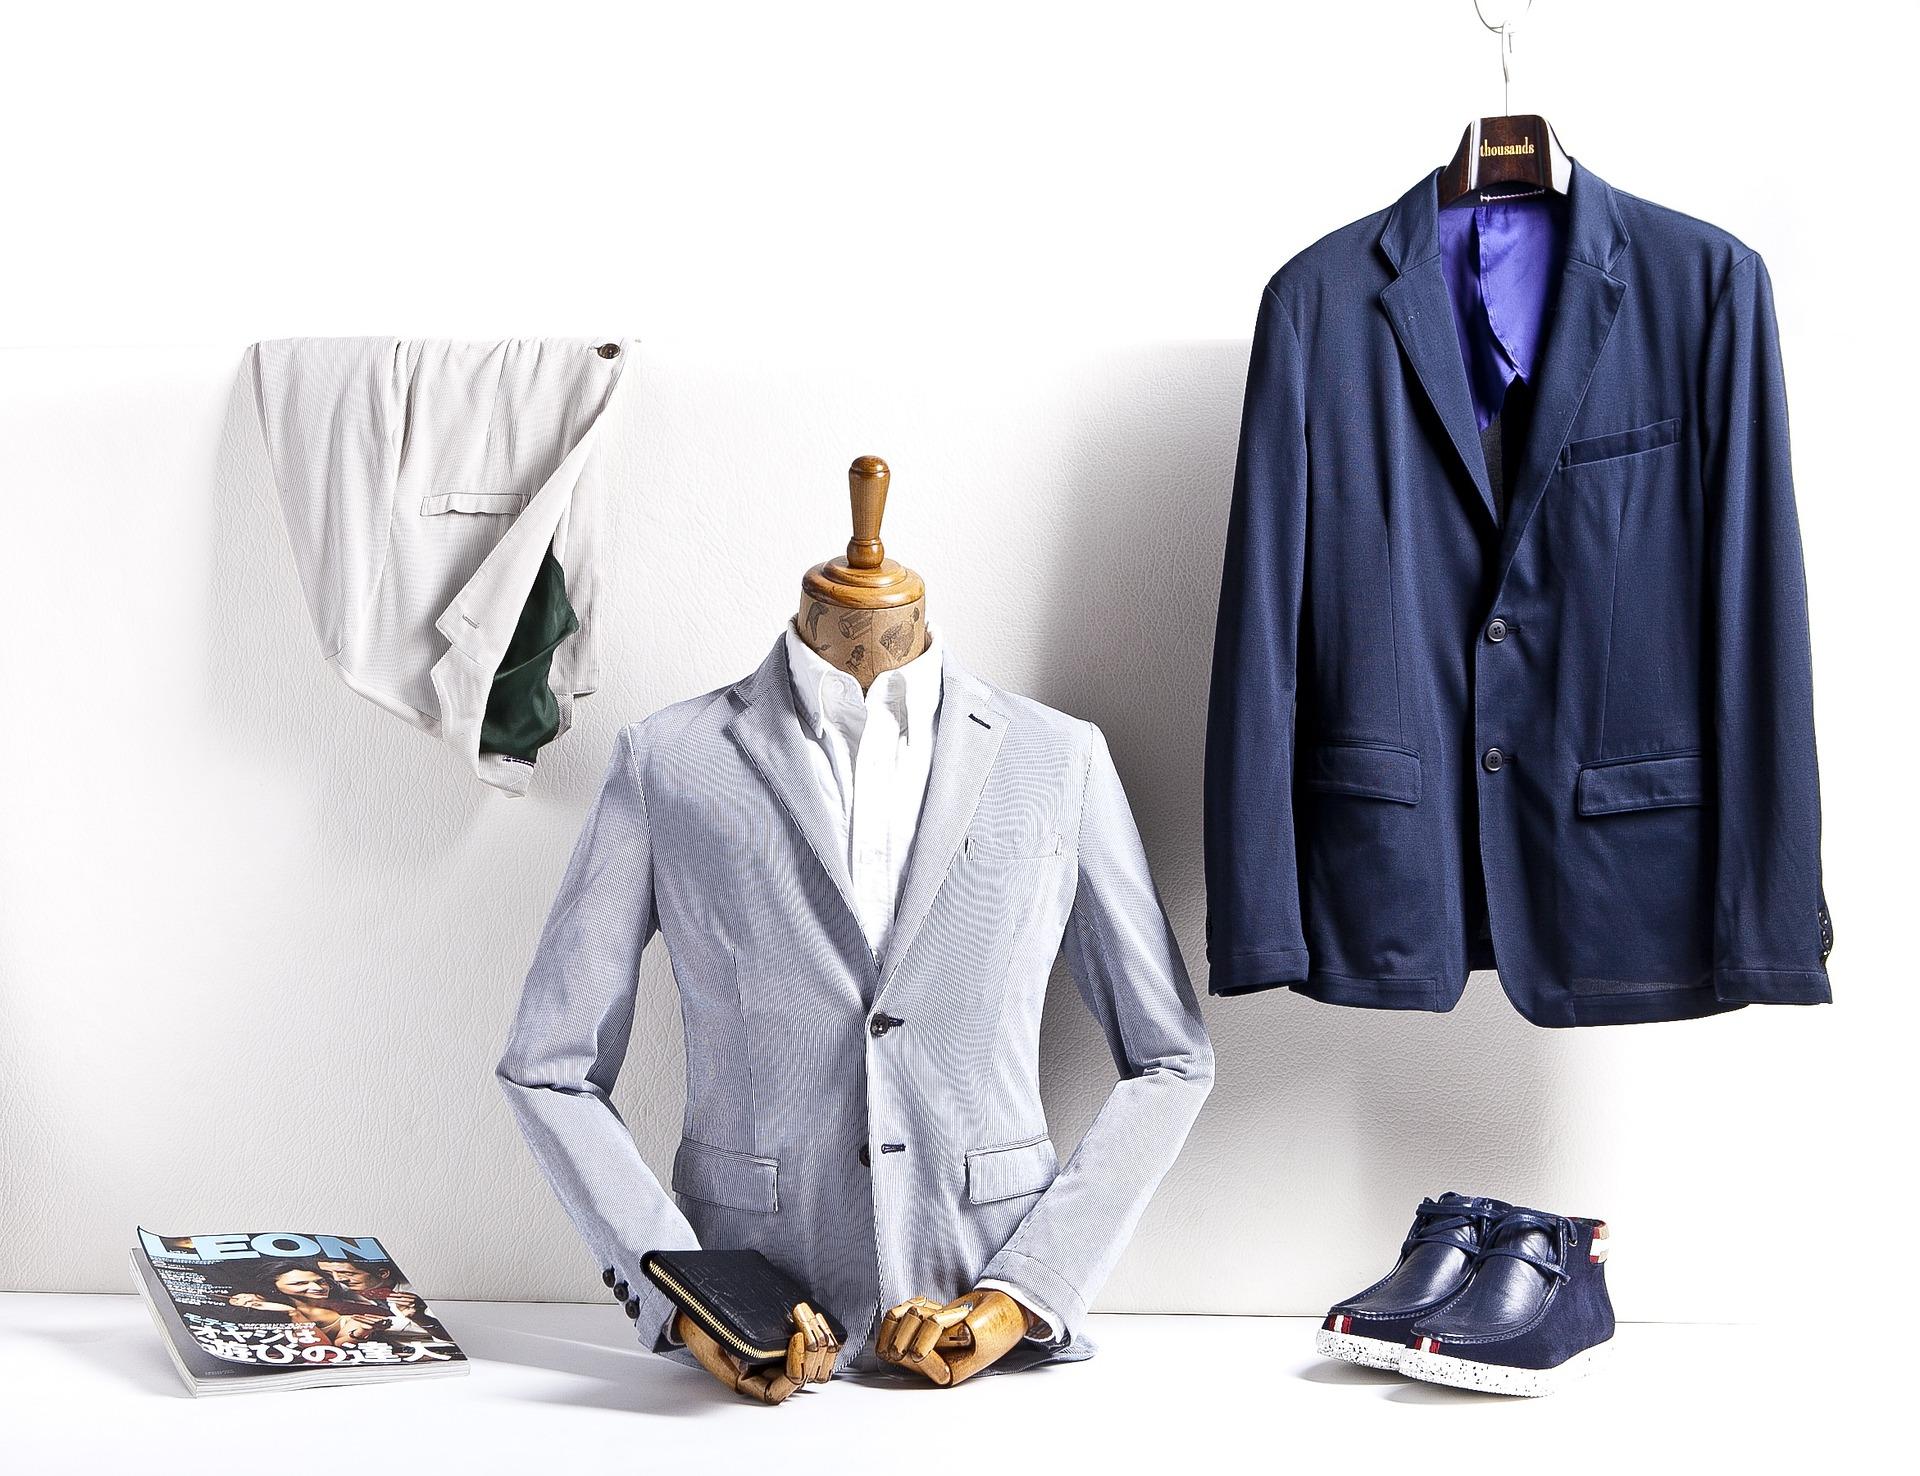 Pomysł na biznes – garnitury na miarę